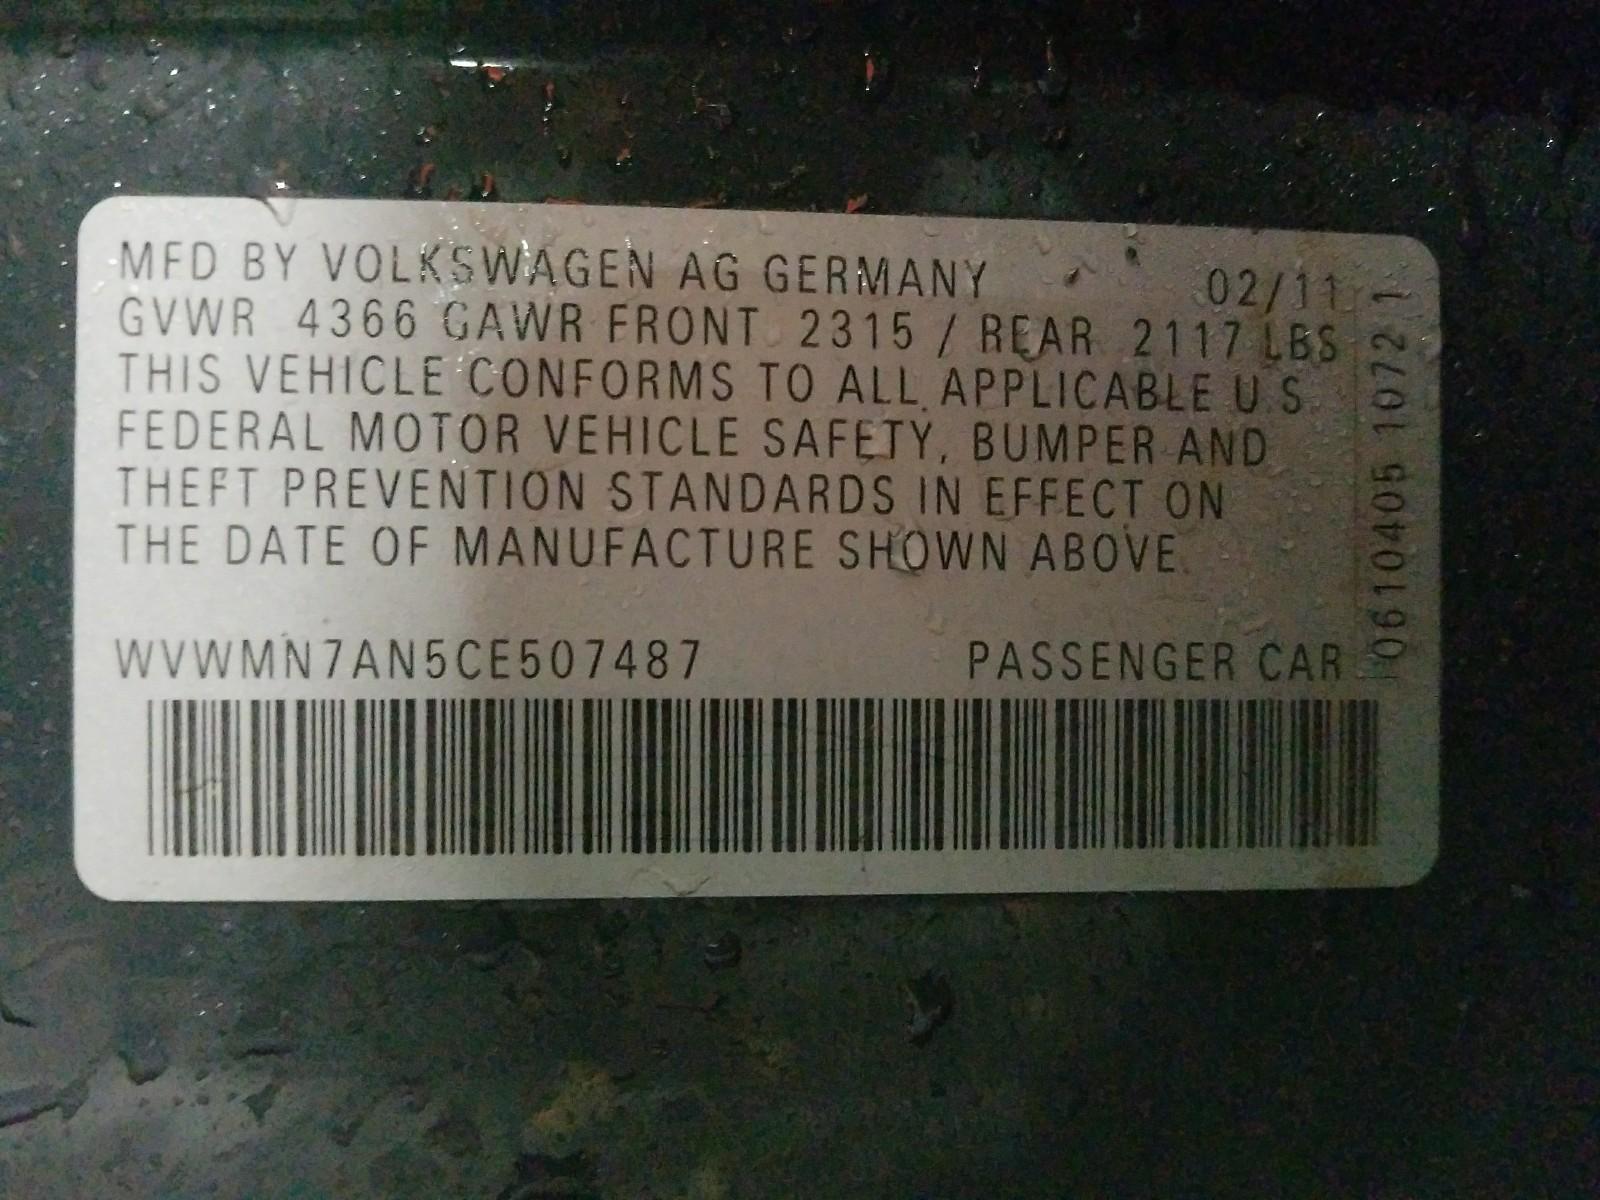 WVWMN7AN5CE507487 - 2012 Volkswagen Cc Sport 2.0L